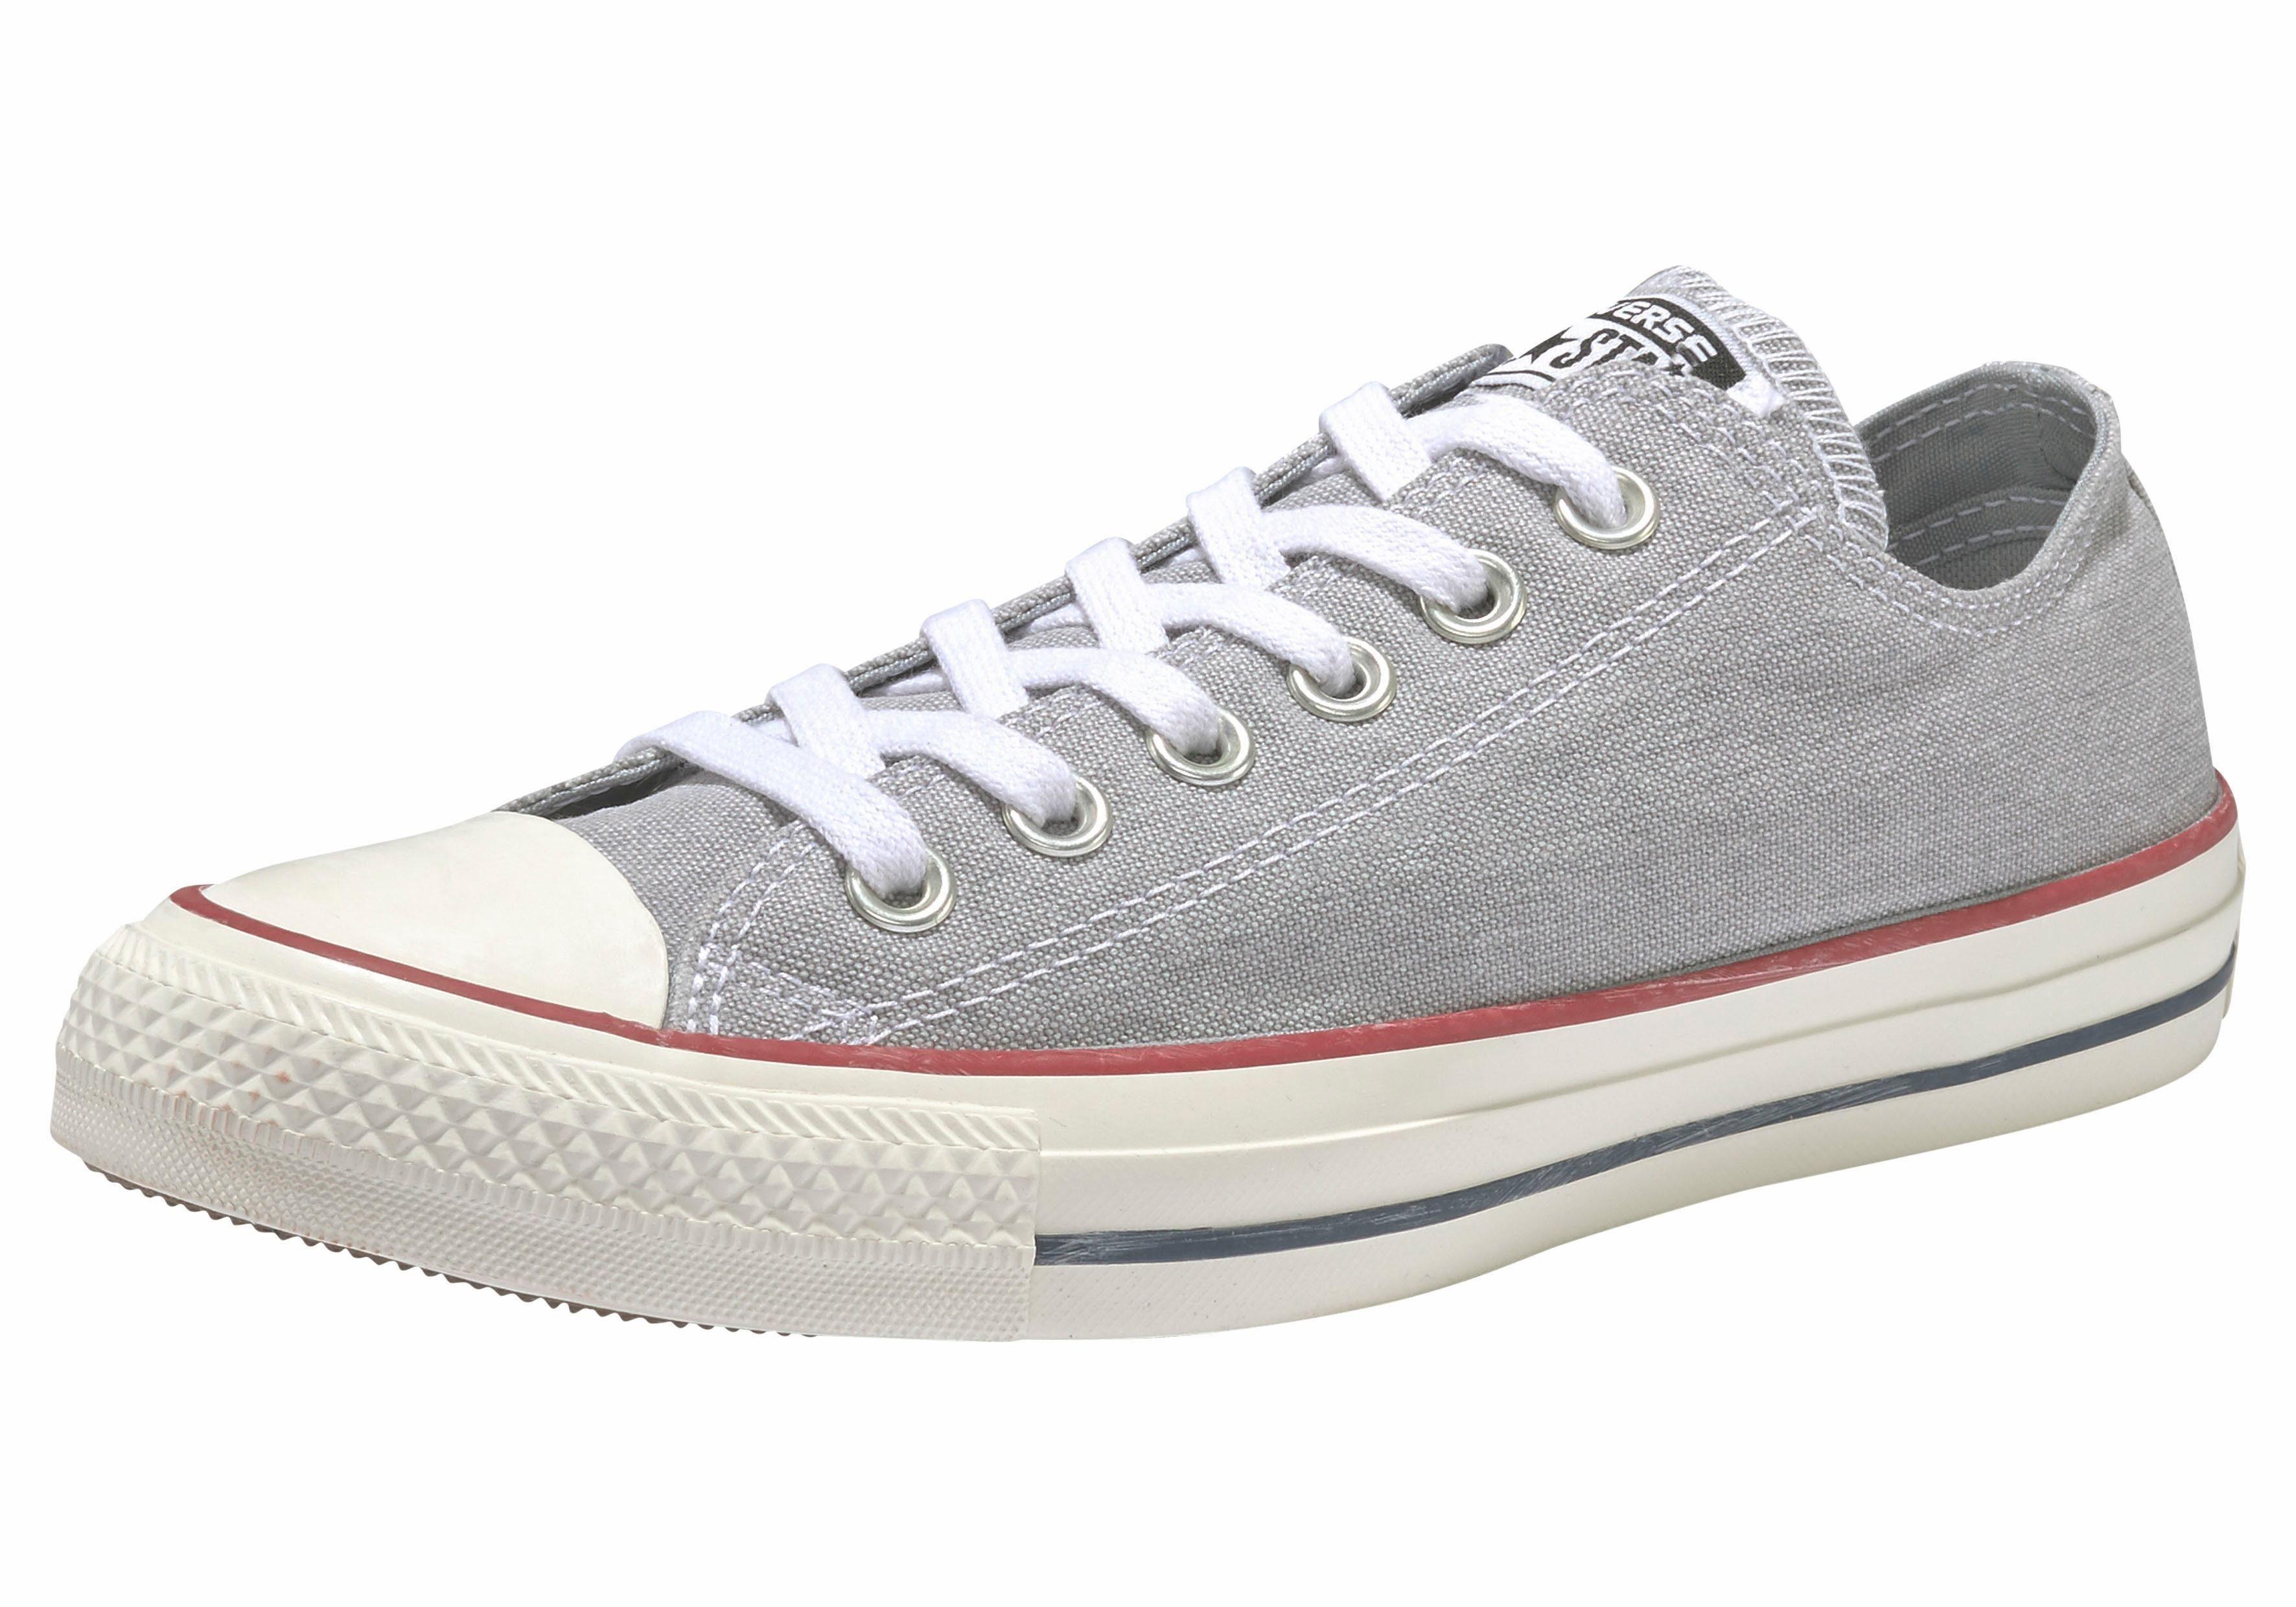 Gris Converse All Chaussures De Bœuf Étoile Taille 41 Pour Les Femmes mWVcF5